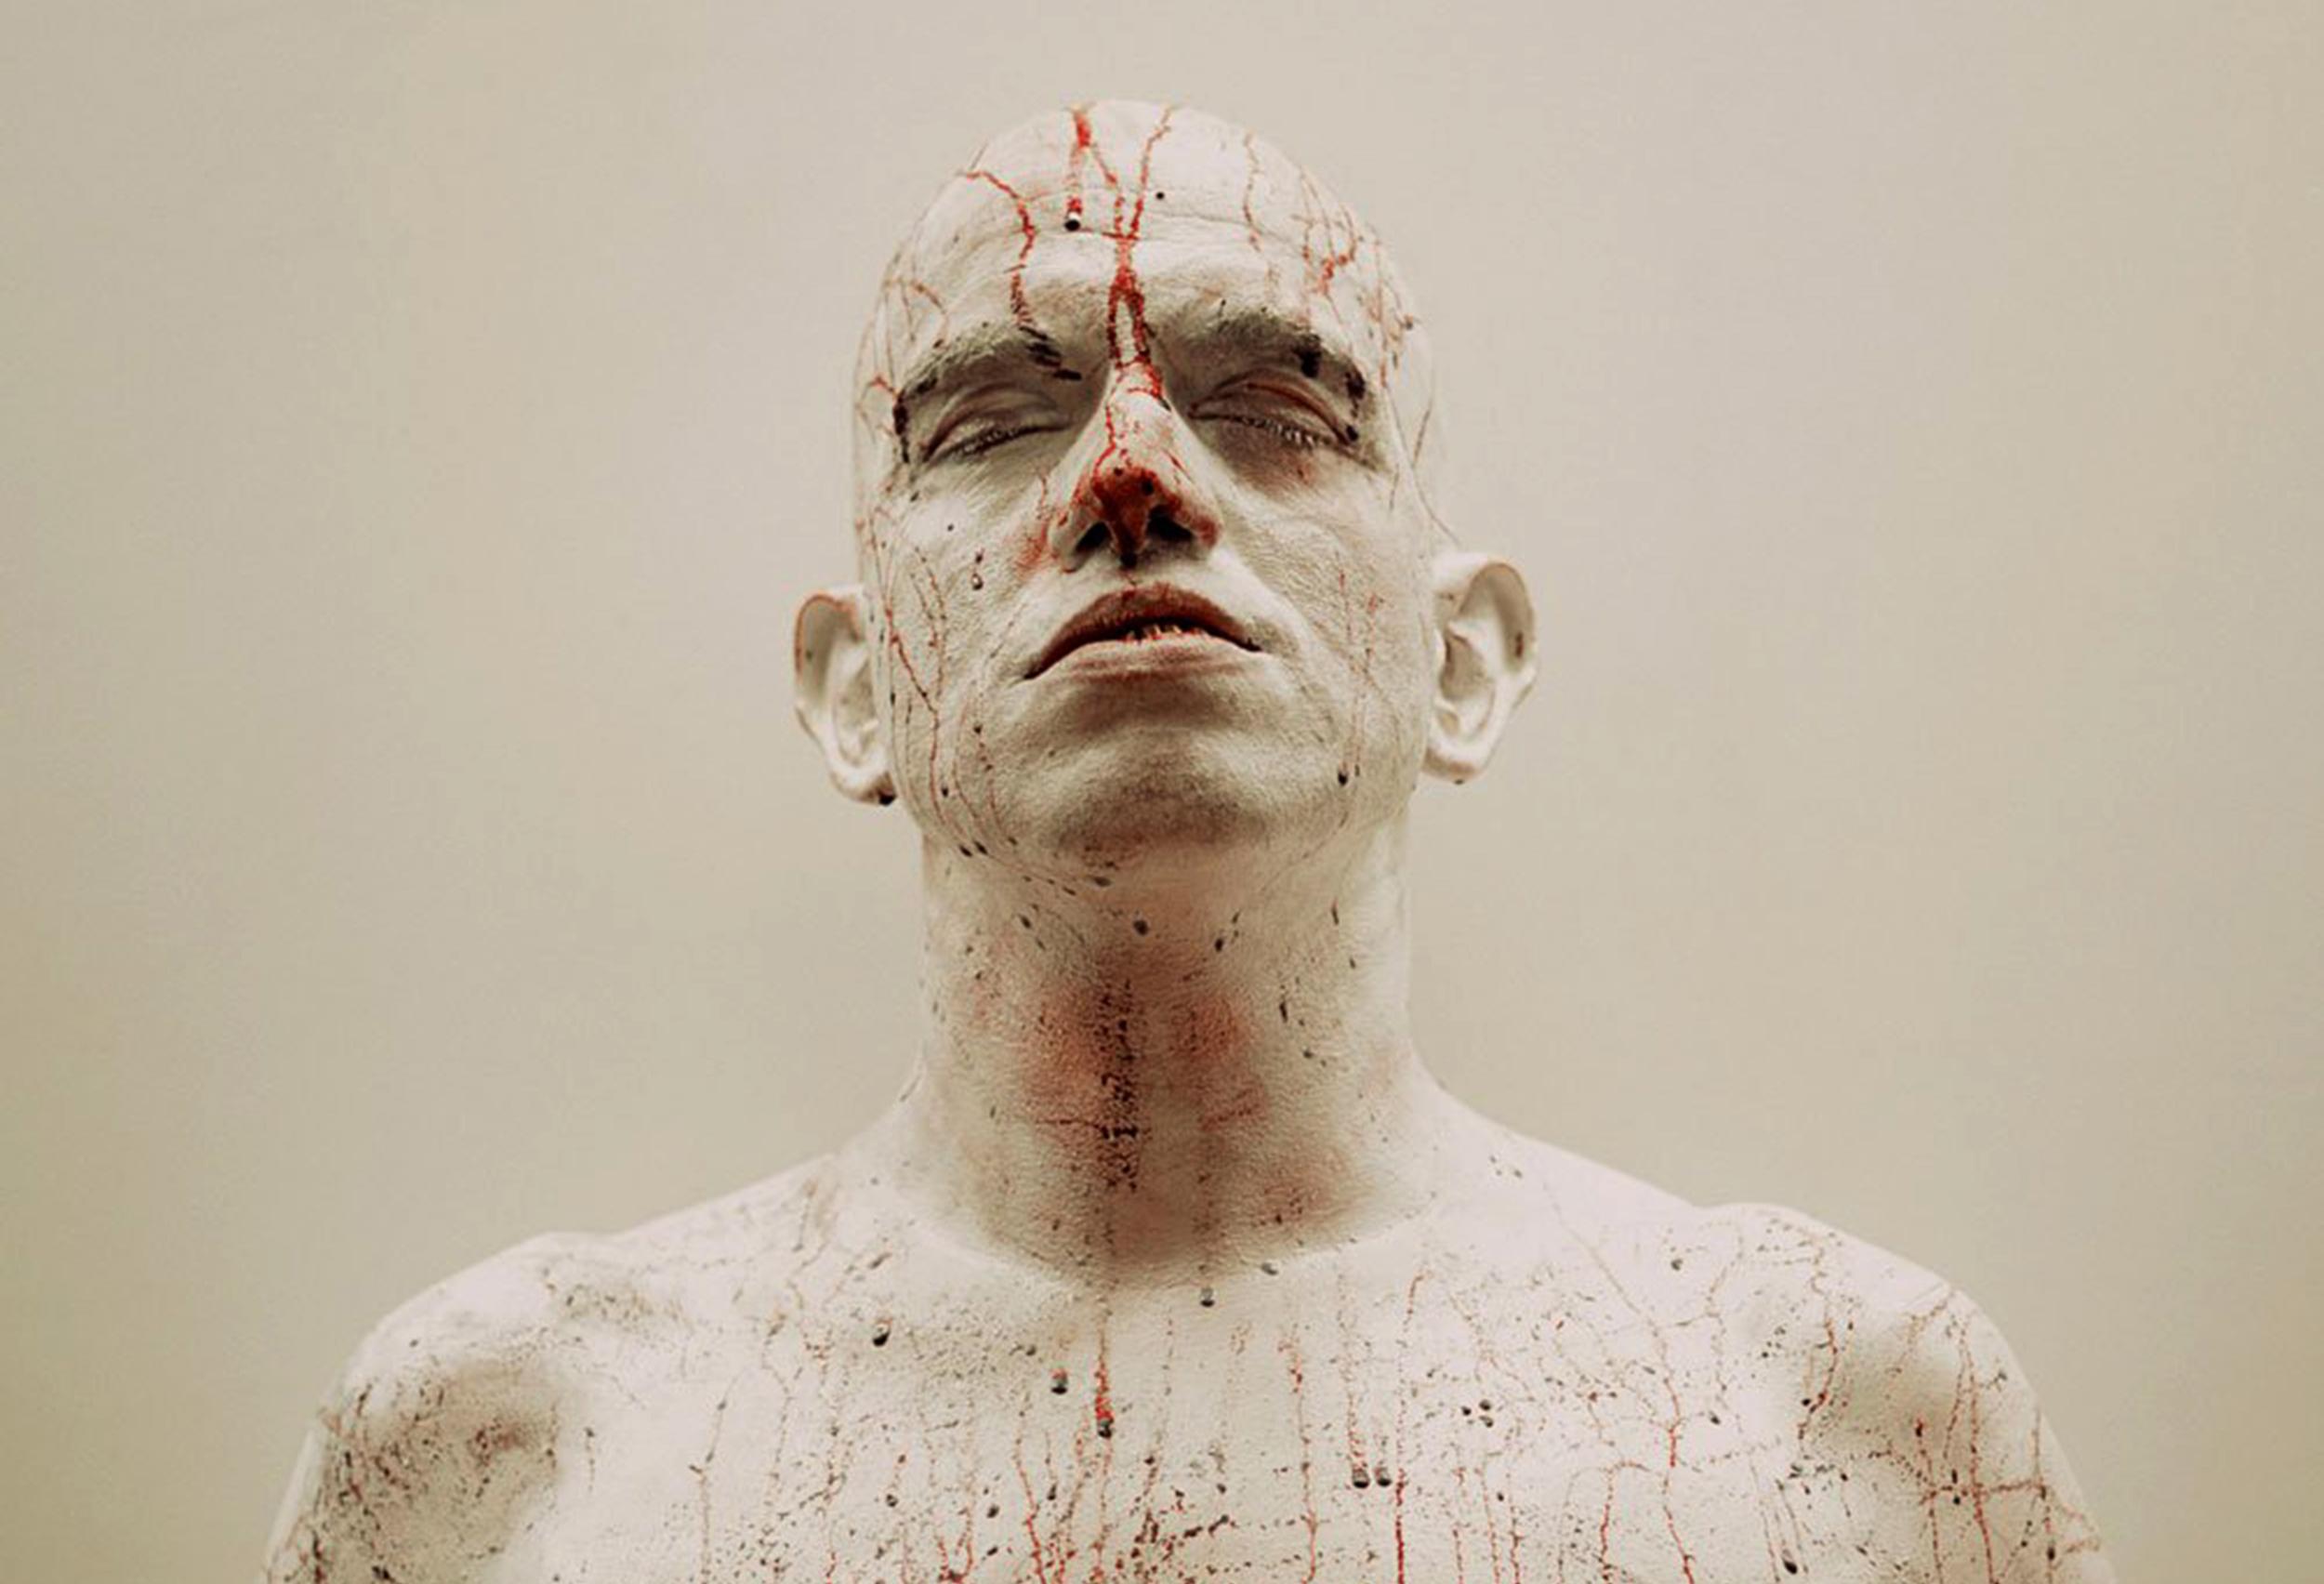 بدن به مثابه دراماتورژی (نمایش پردازی) سیال: هنر اجرا ، بدنمندی و ادراک[۱]  نویسنده: استفن دی بنِدتو[۲]  مترجم:کیانا برومند